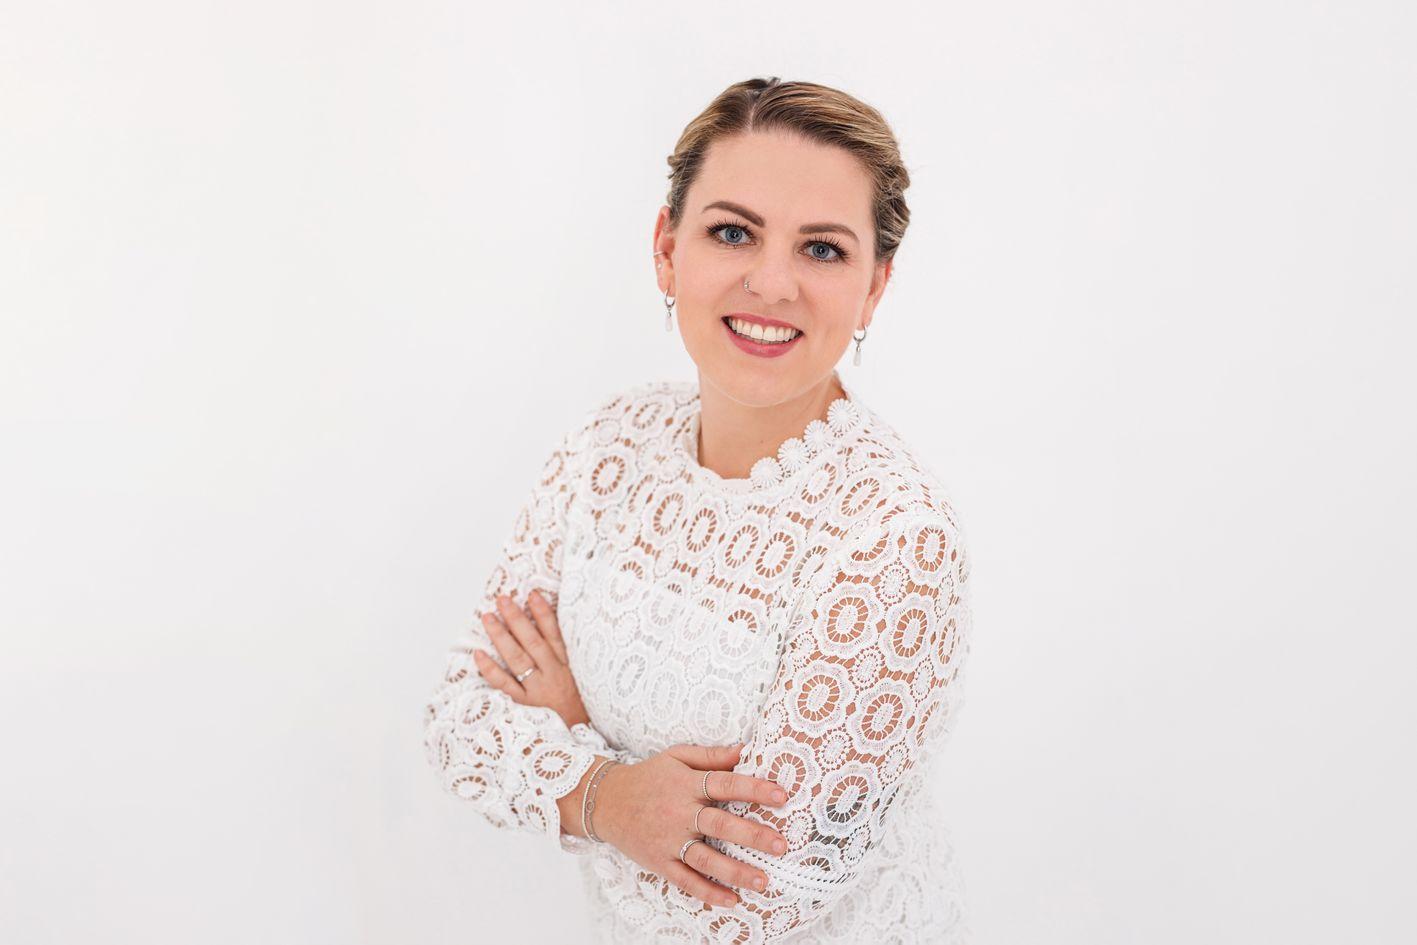 schoen-fotografiert-glamour-portrait_personal_branding